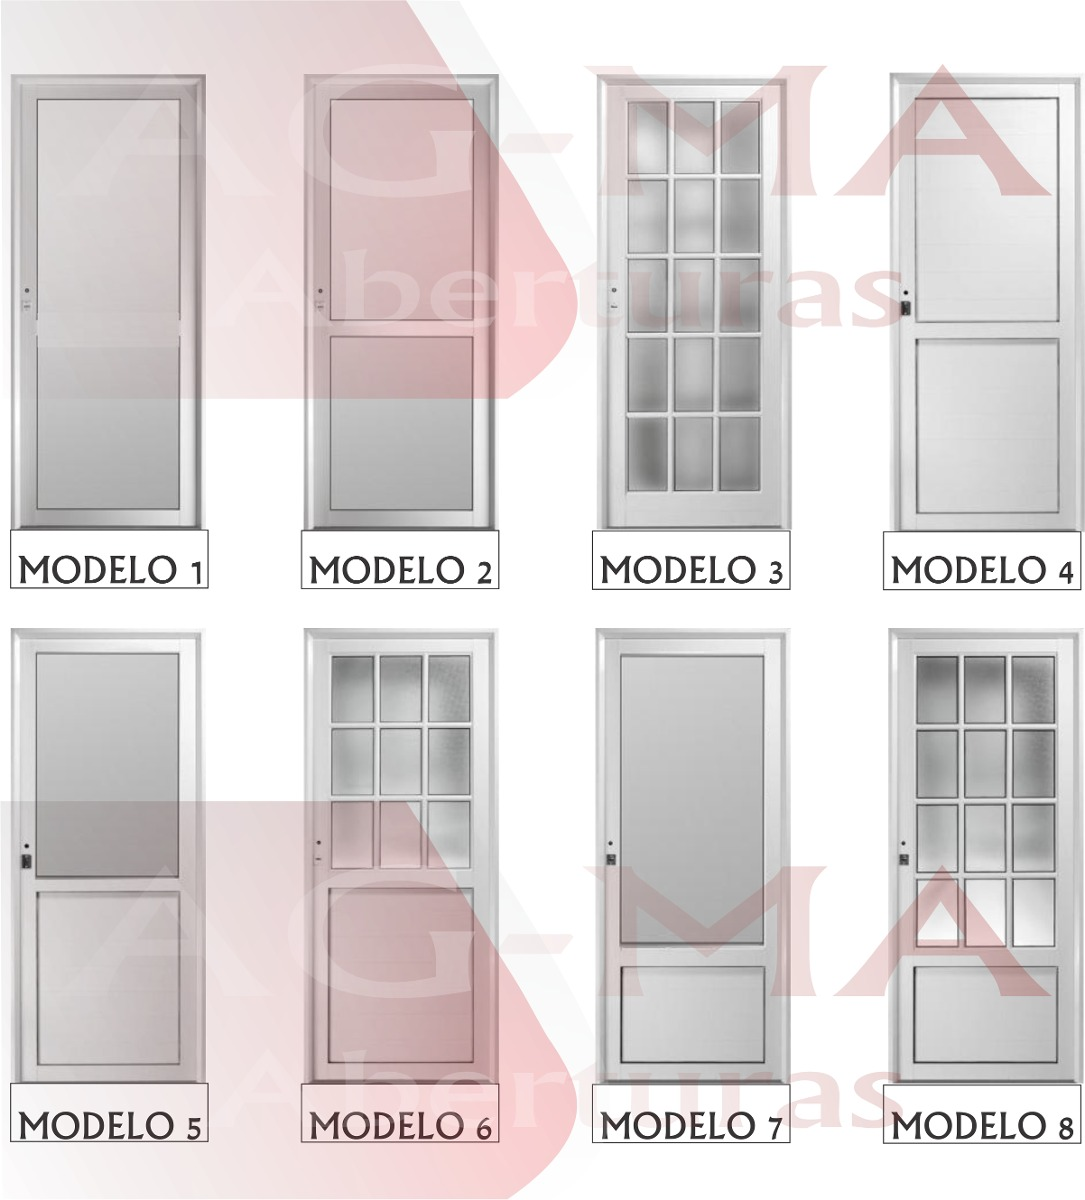 Puerta Aluminio Blanco Ciega 80x2 - $ 5.675,00 en Mercado Libre